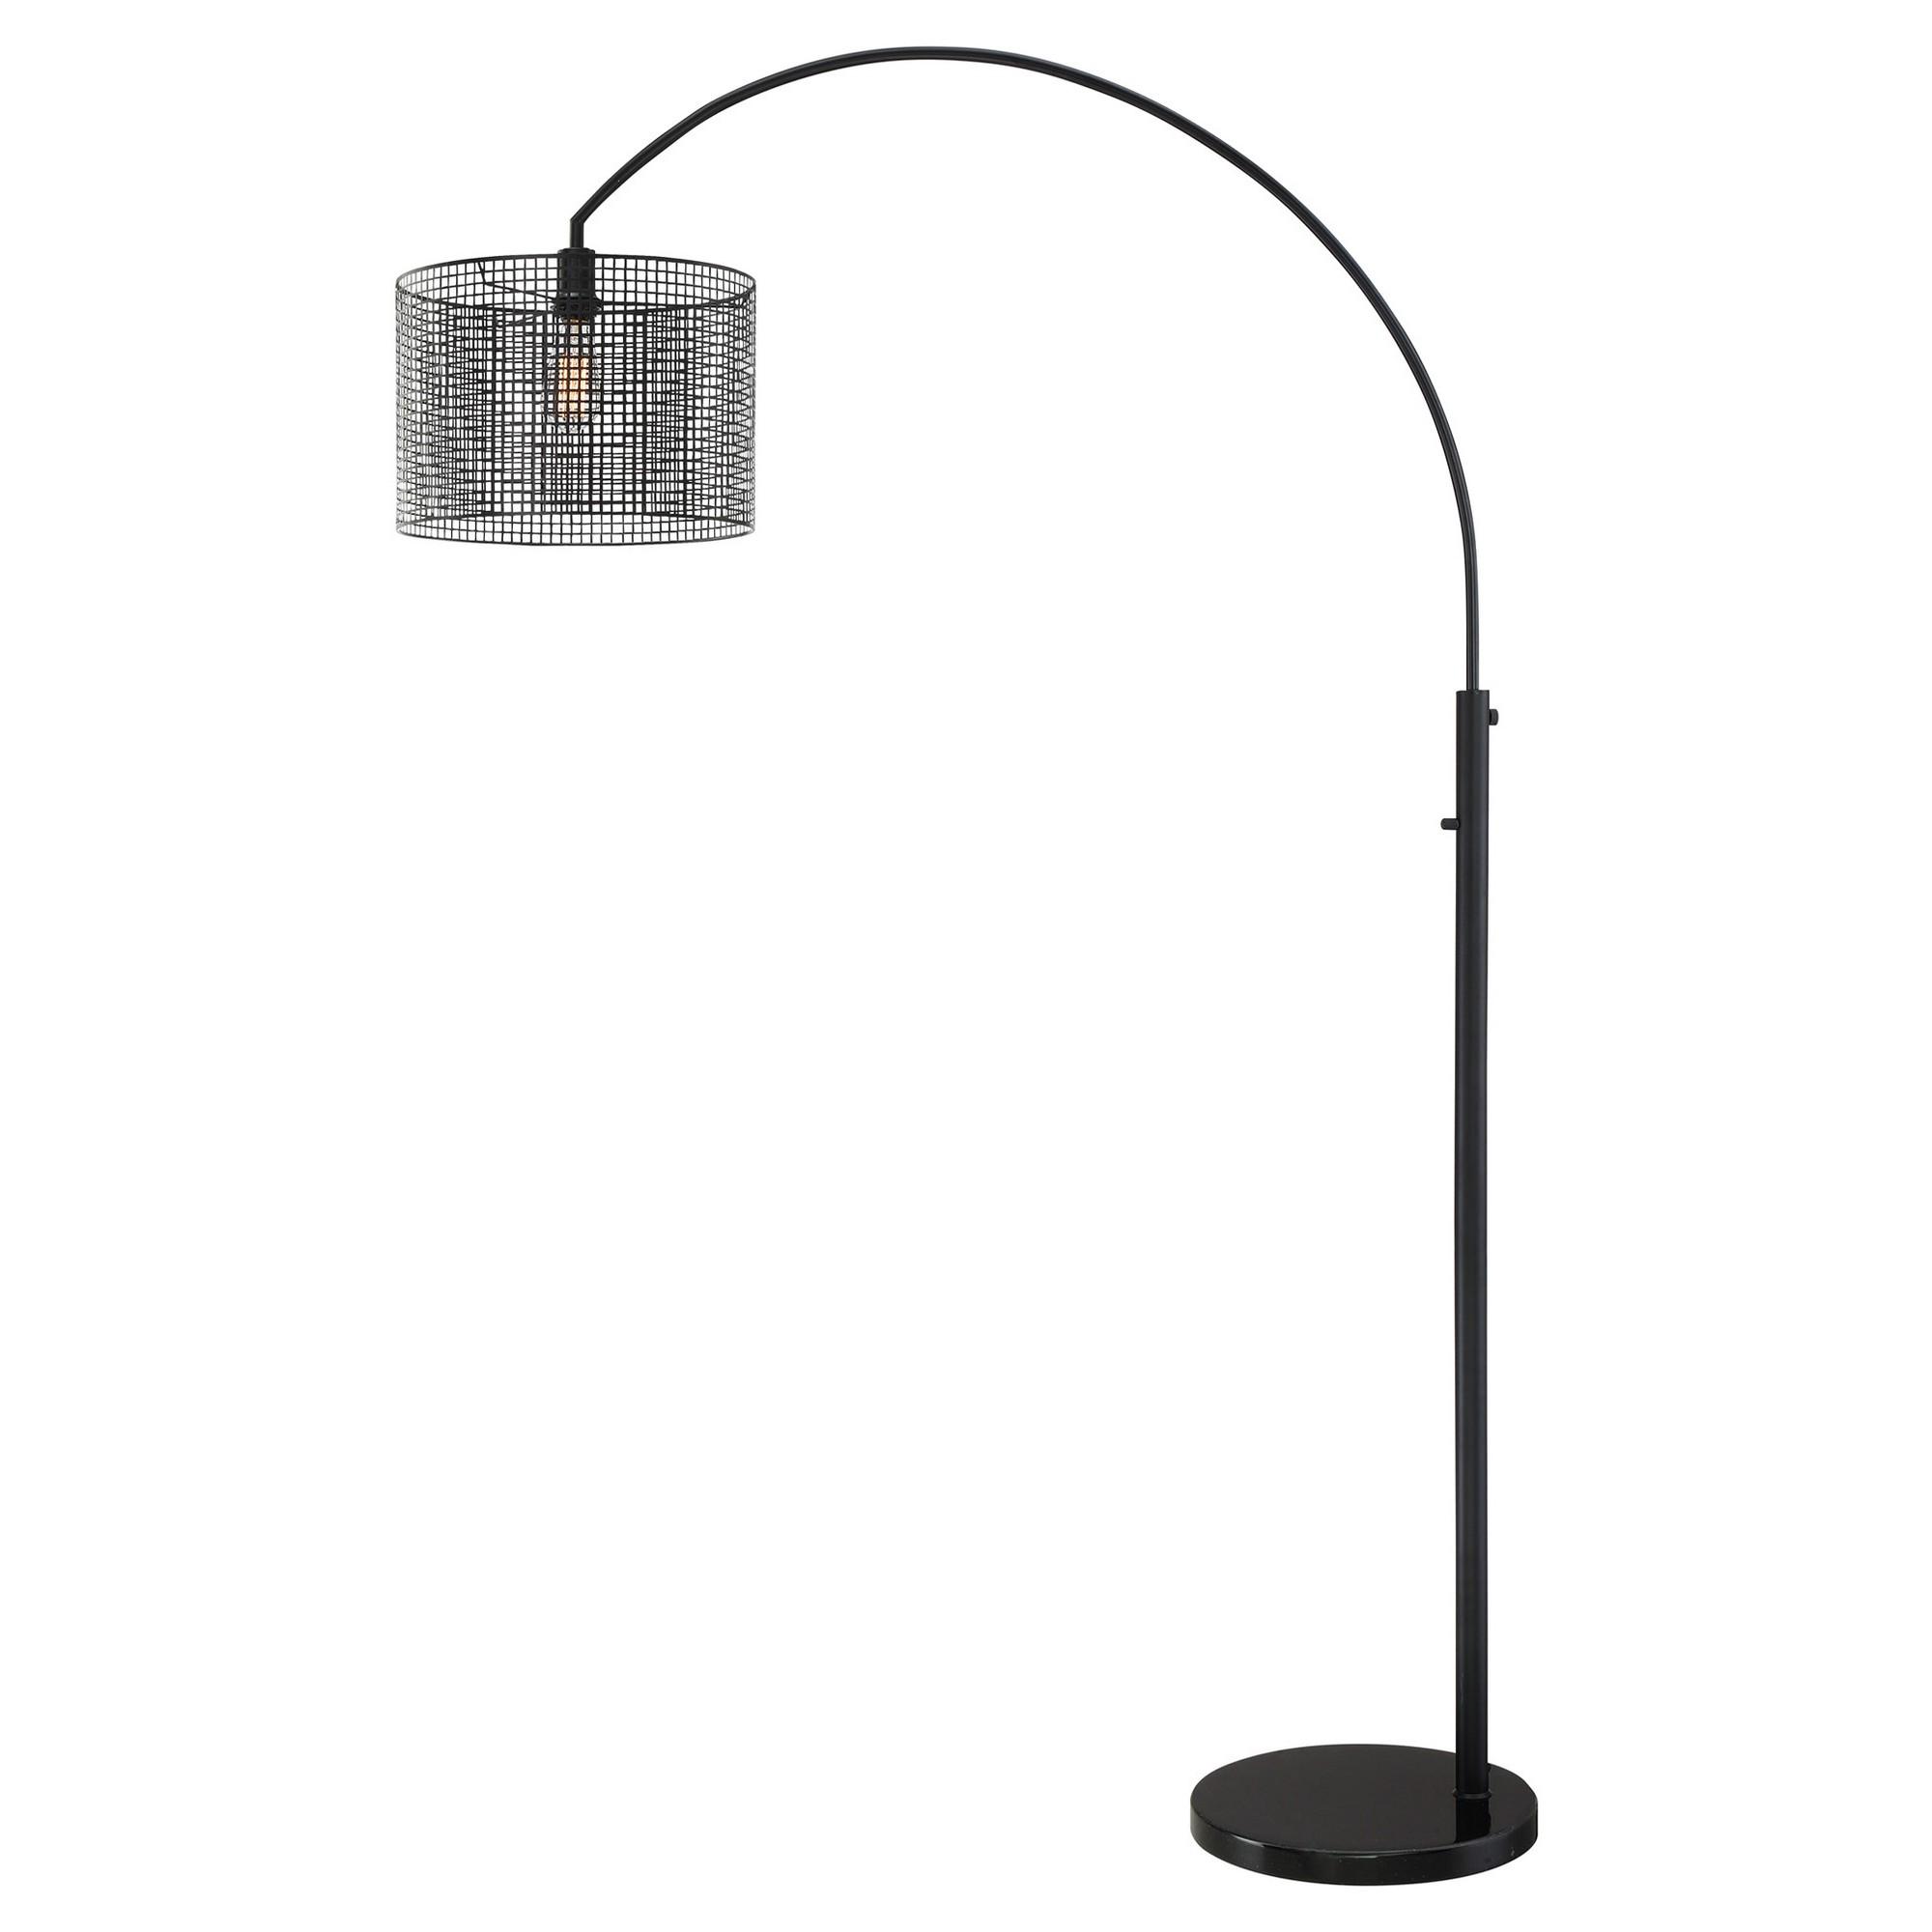 Hamilton Arch Lamp Black (Includes Energy Efficient Light Bulb) - Lite Source